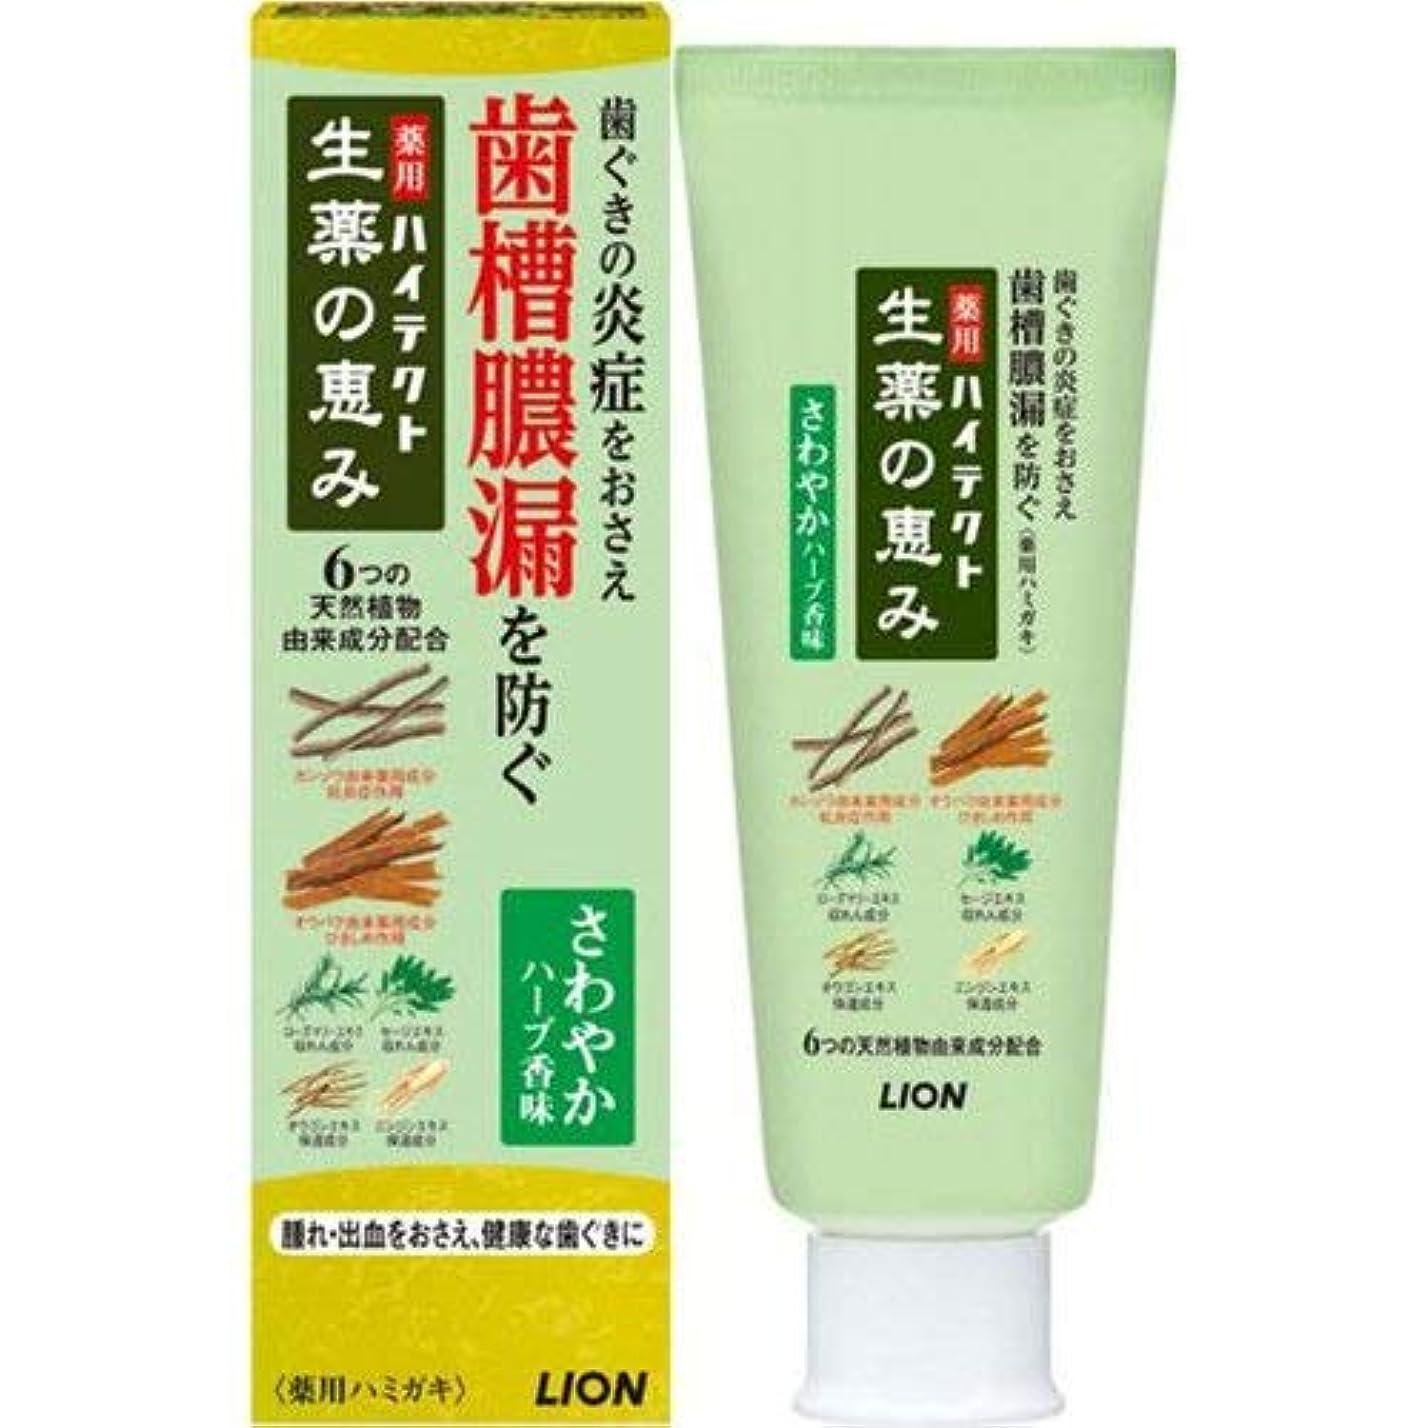 横たわる現像逃げる【ライオン】ハイテクト 生薬の恵み さわやかハーブ香味90g×5個セット